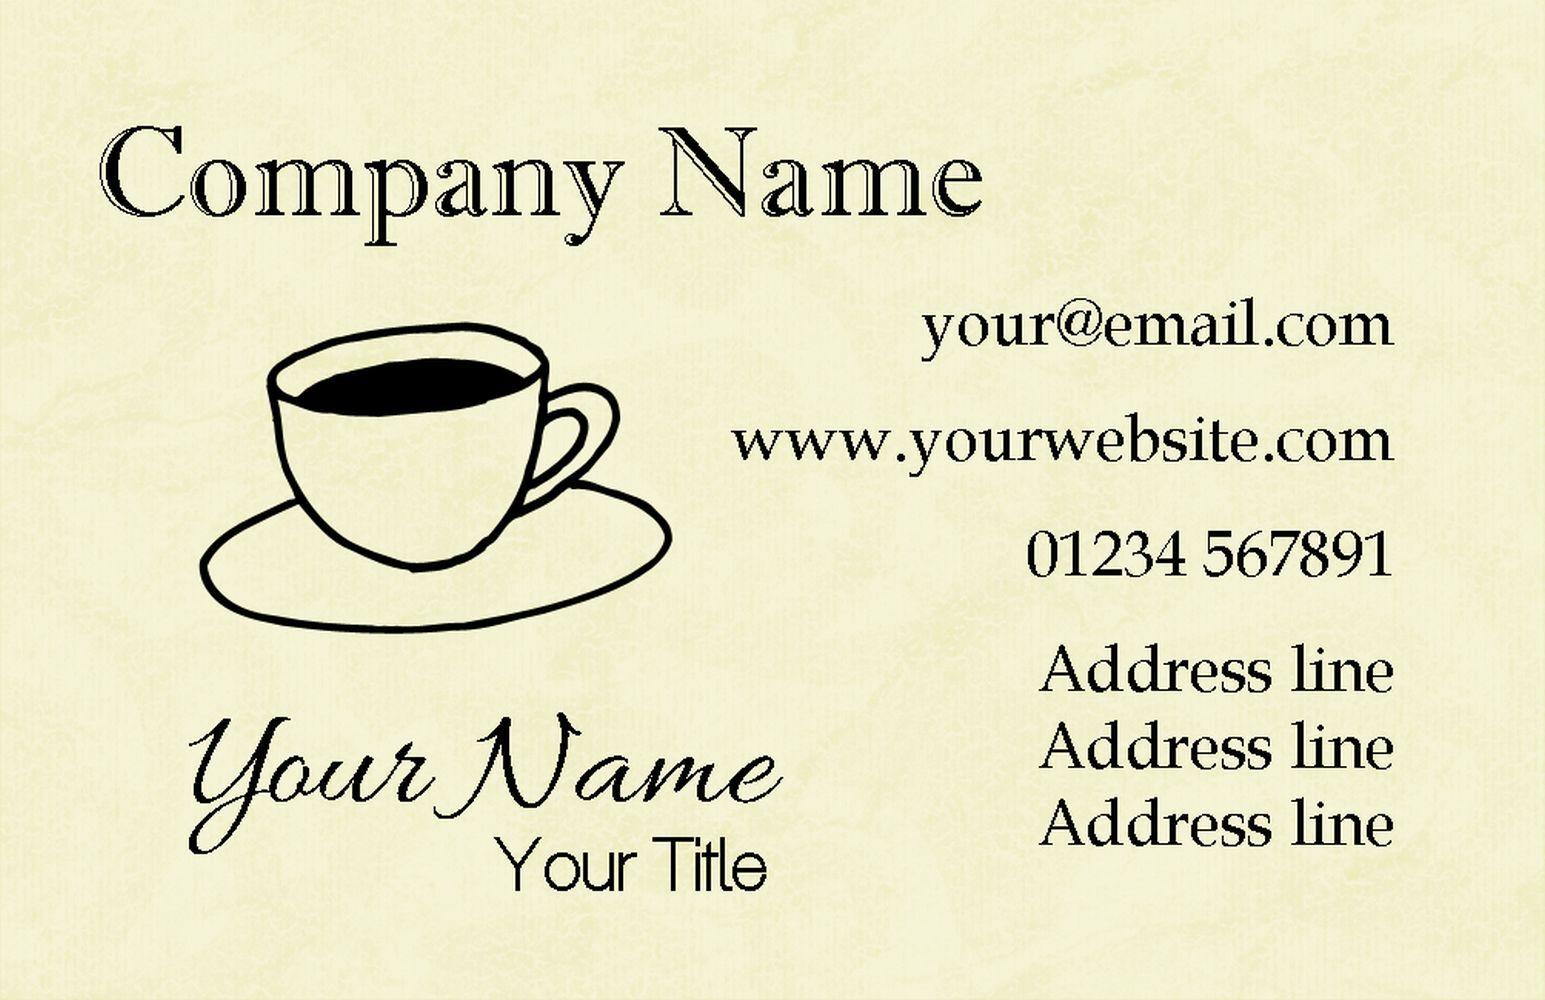 Jaune visite tasse de café cartes de visite Jaune personnalisées 3a5bf7